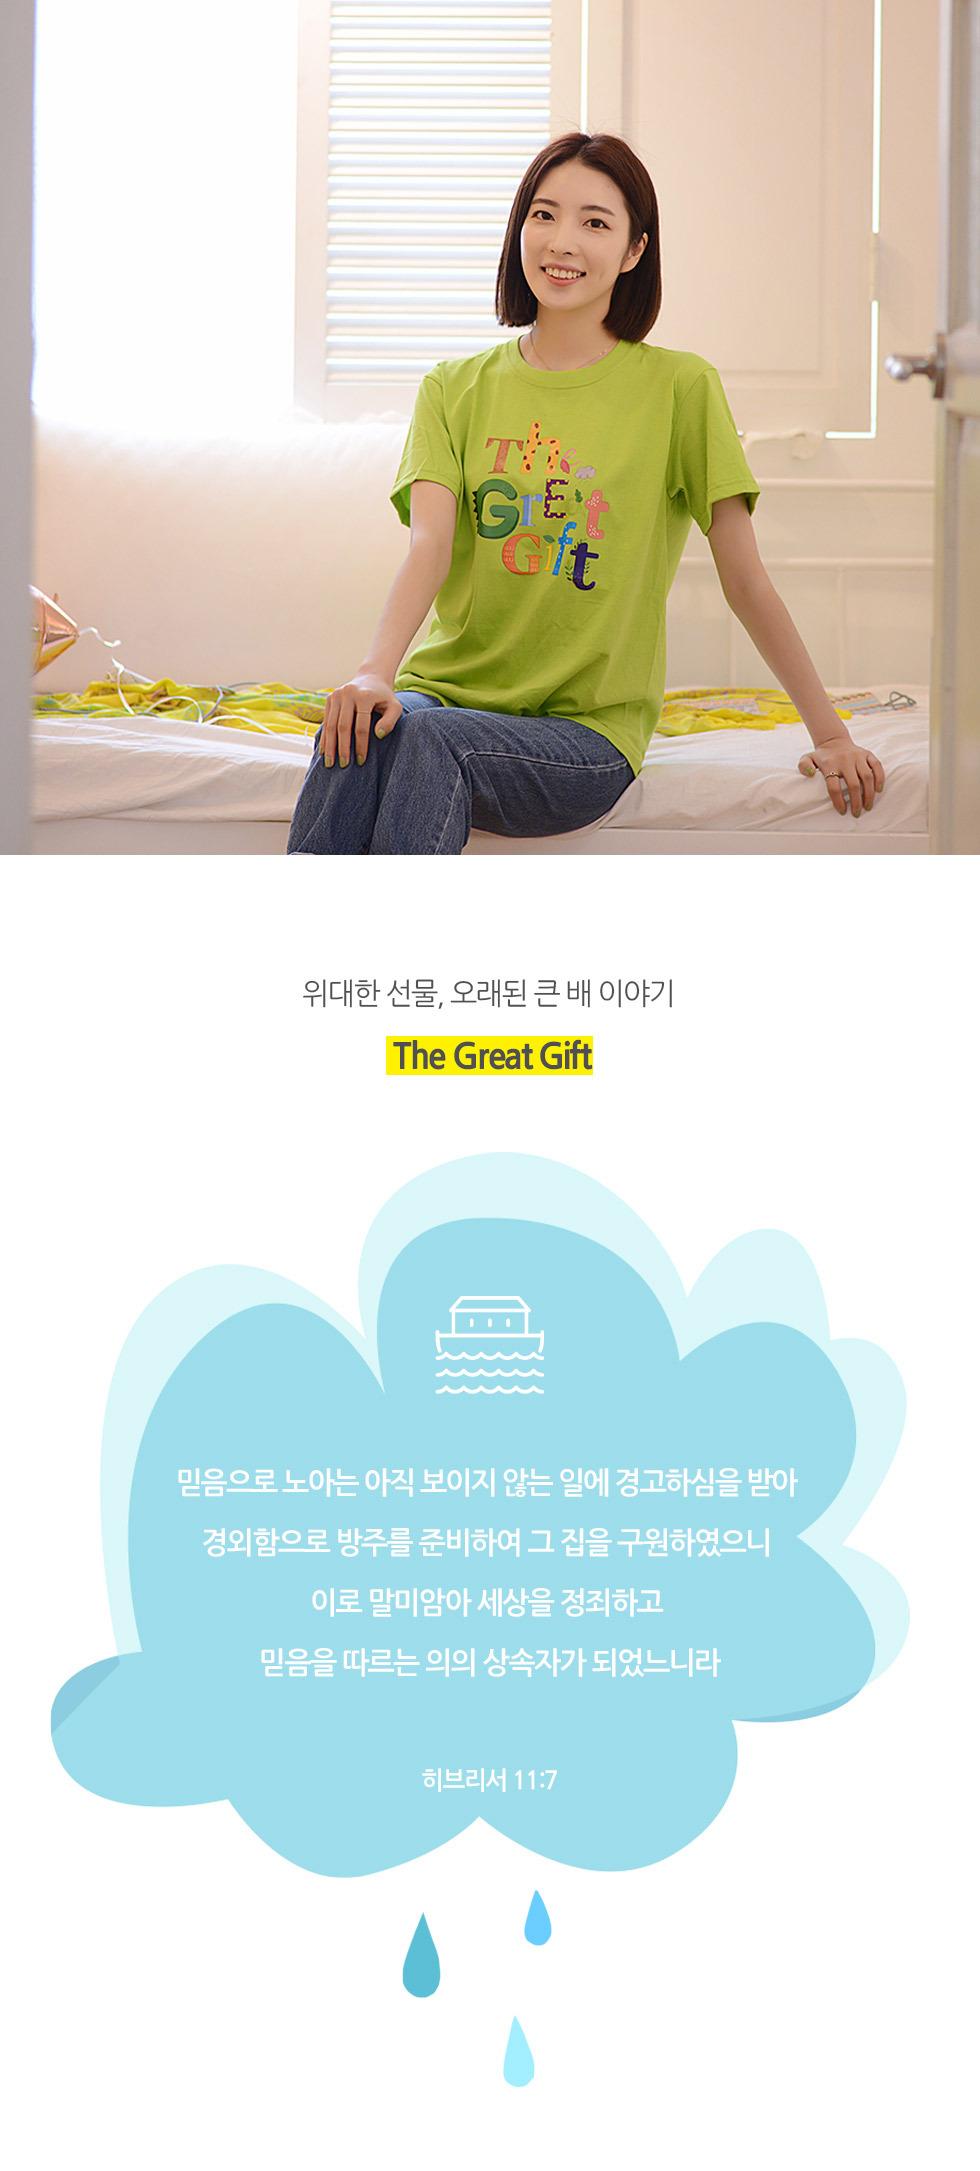 교회 단체티셔츠 위대한선물 - 동물 (The Great Gift) - 성인티셔츠(예장 합동 교단 여름성경학교 주제티셔츠 - 위대한선물)